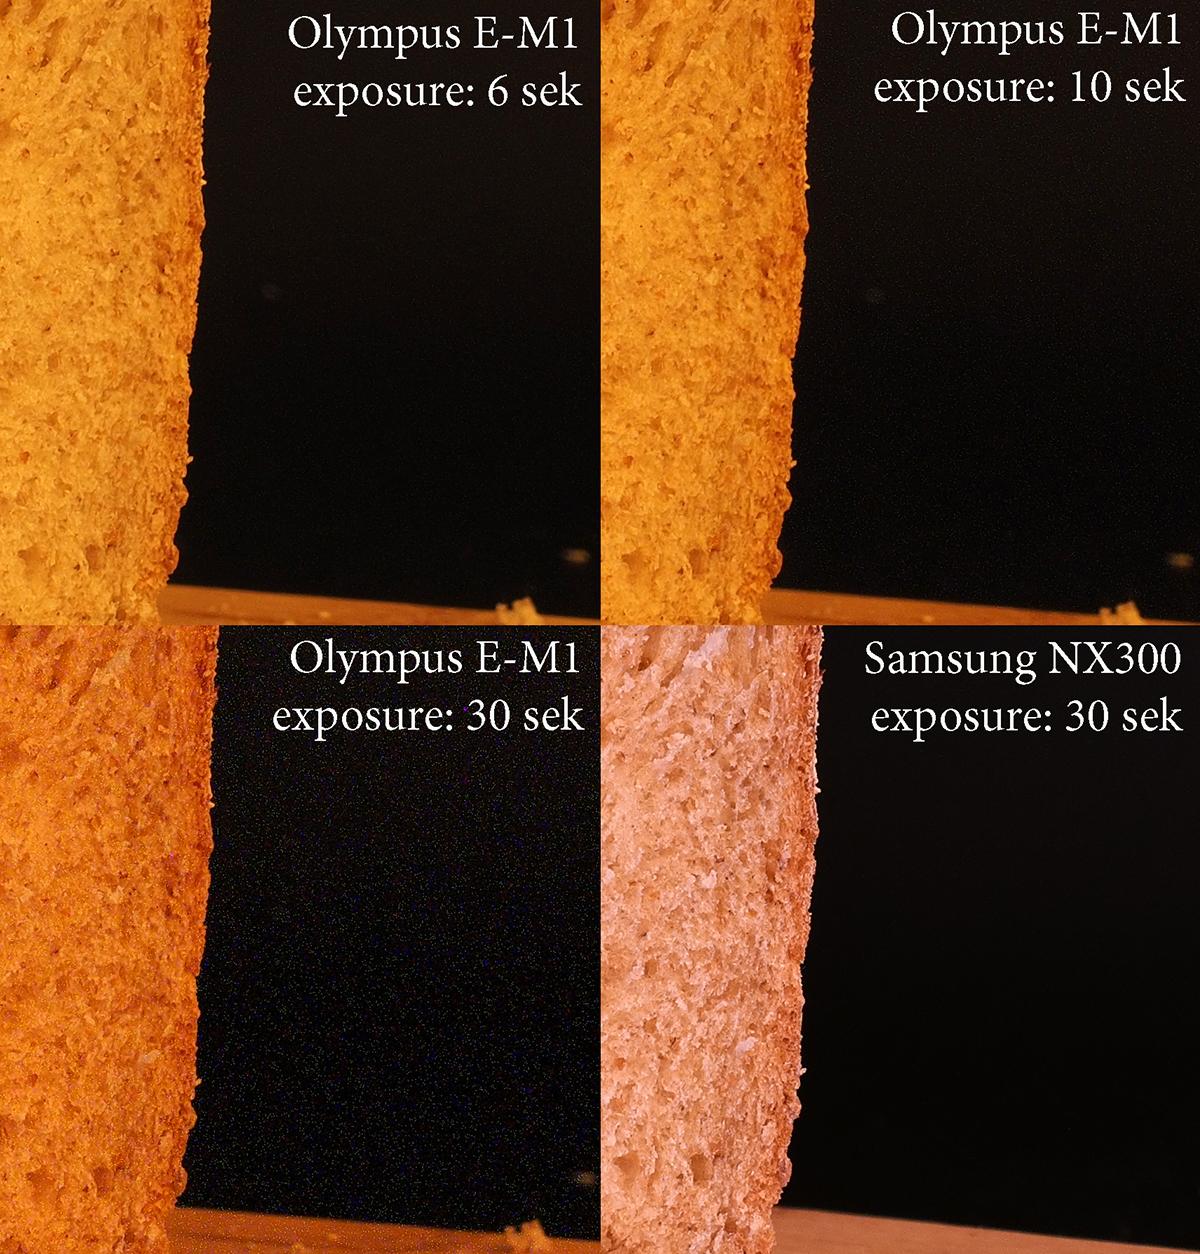 OEM1_vs_SAMNX300_noise